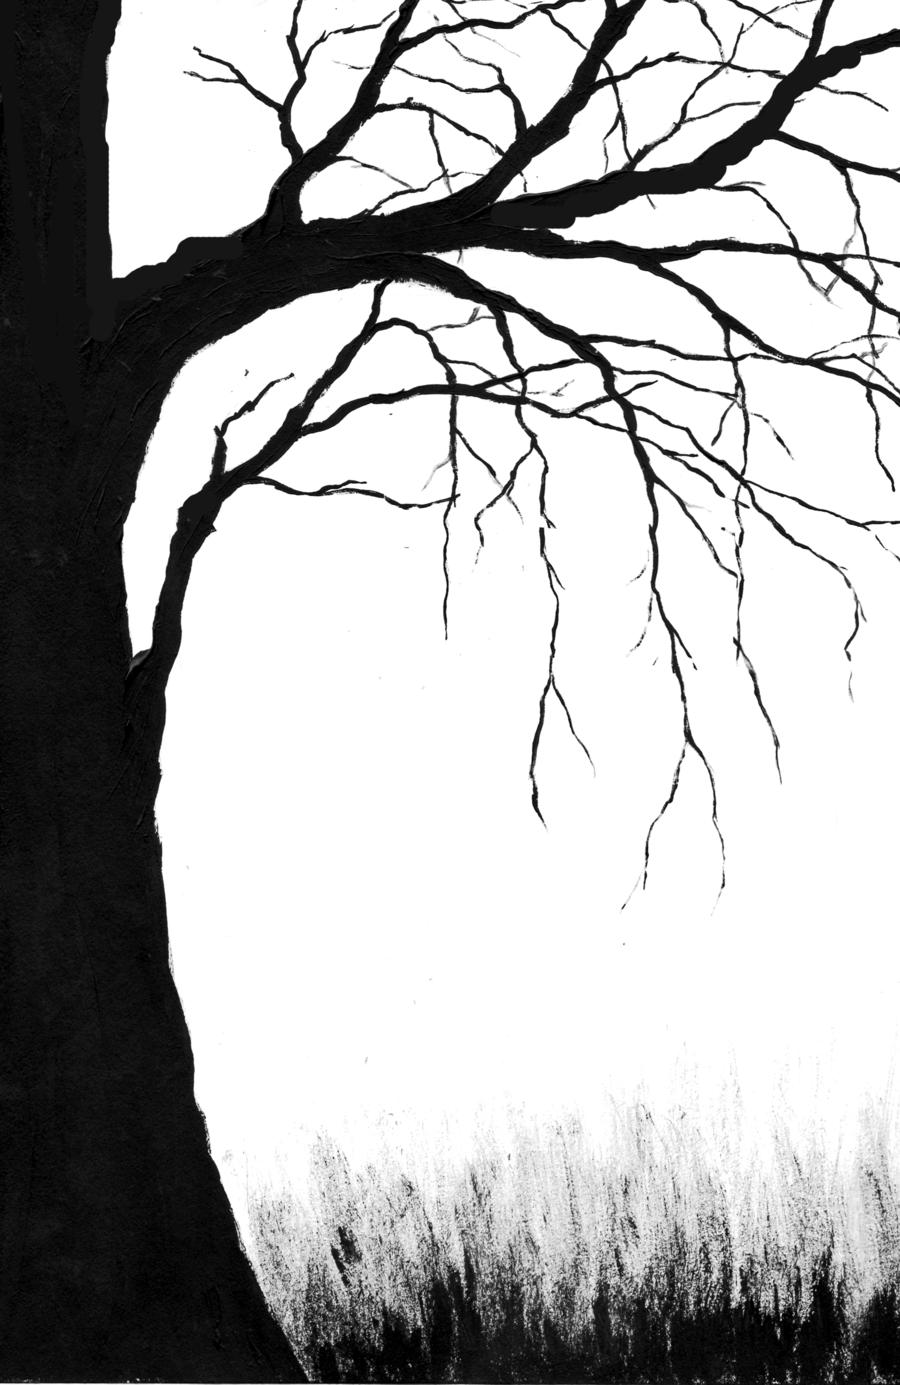 medium resolution of creepy tree